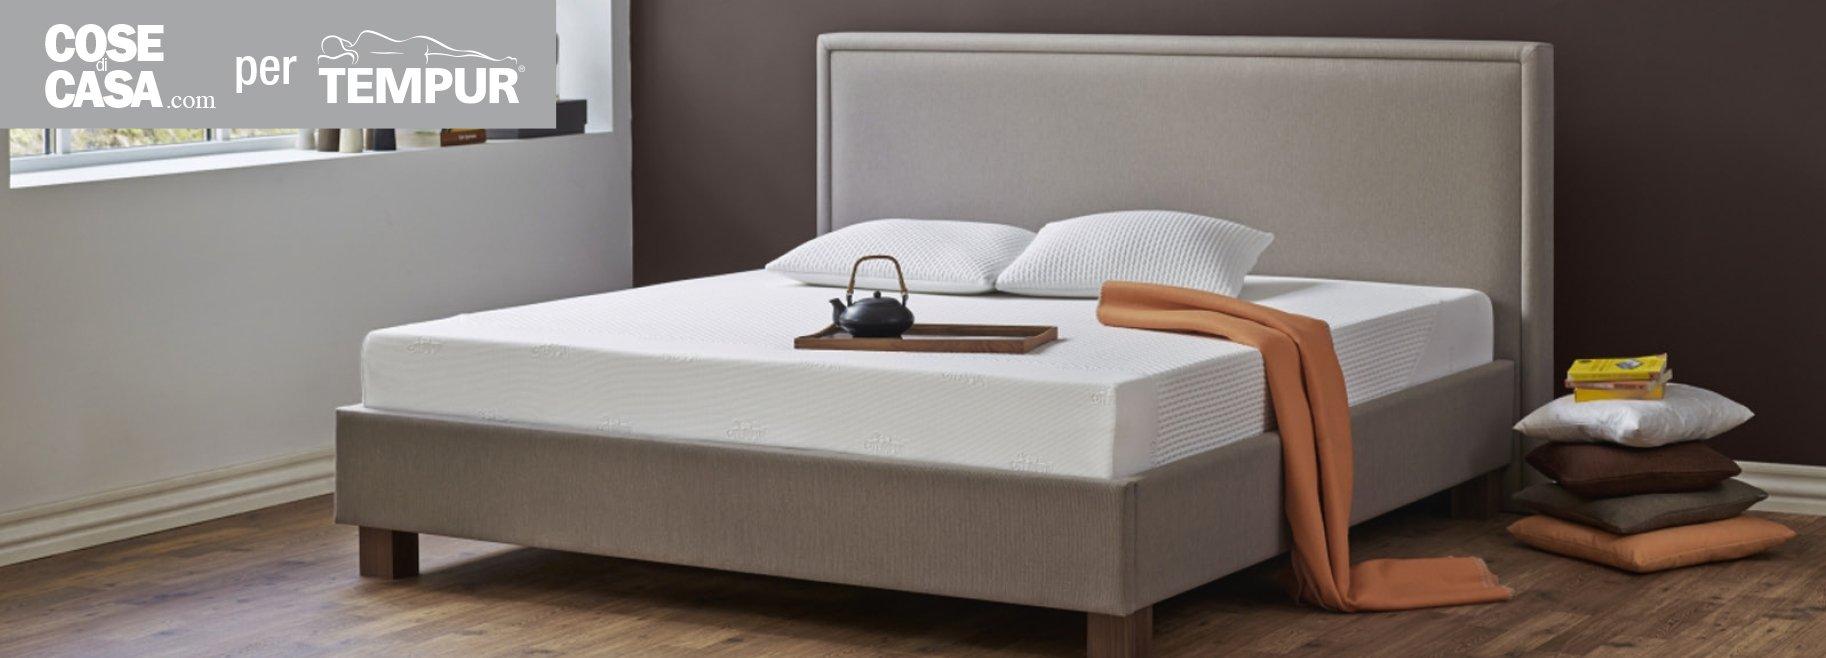 Posizione e orientamento del letto quanto conta per - Orientamento casa ...